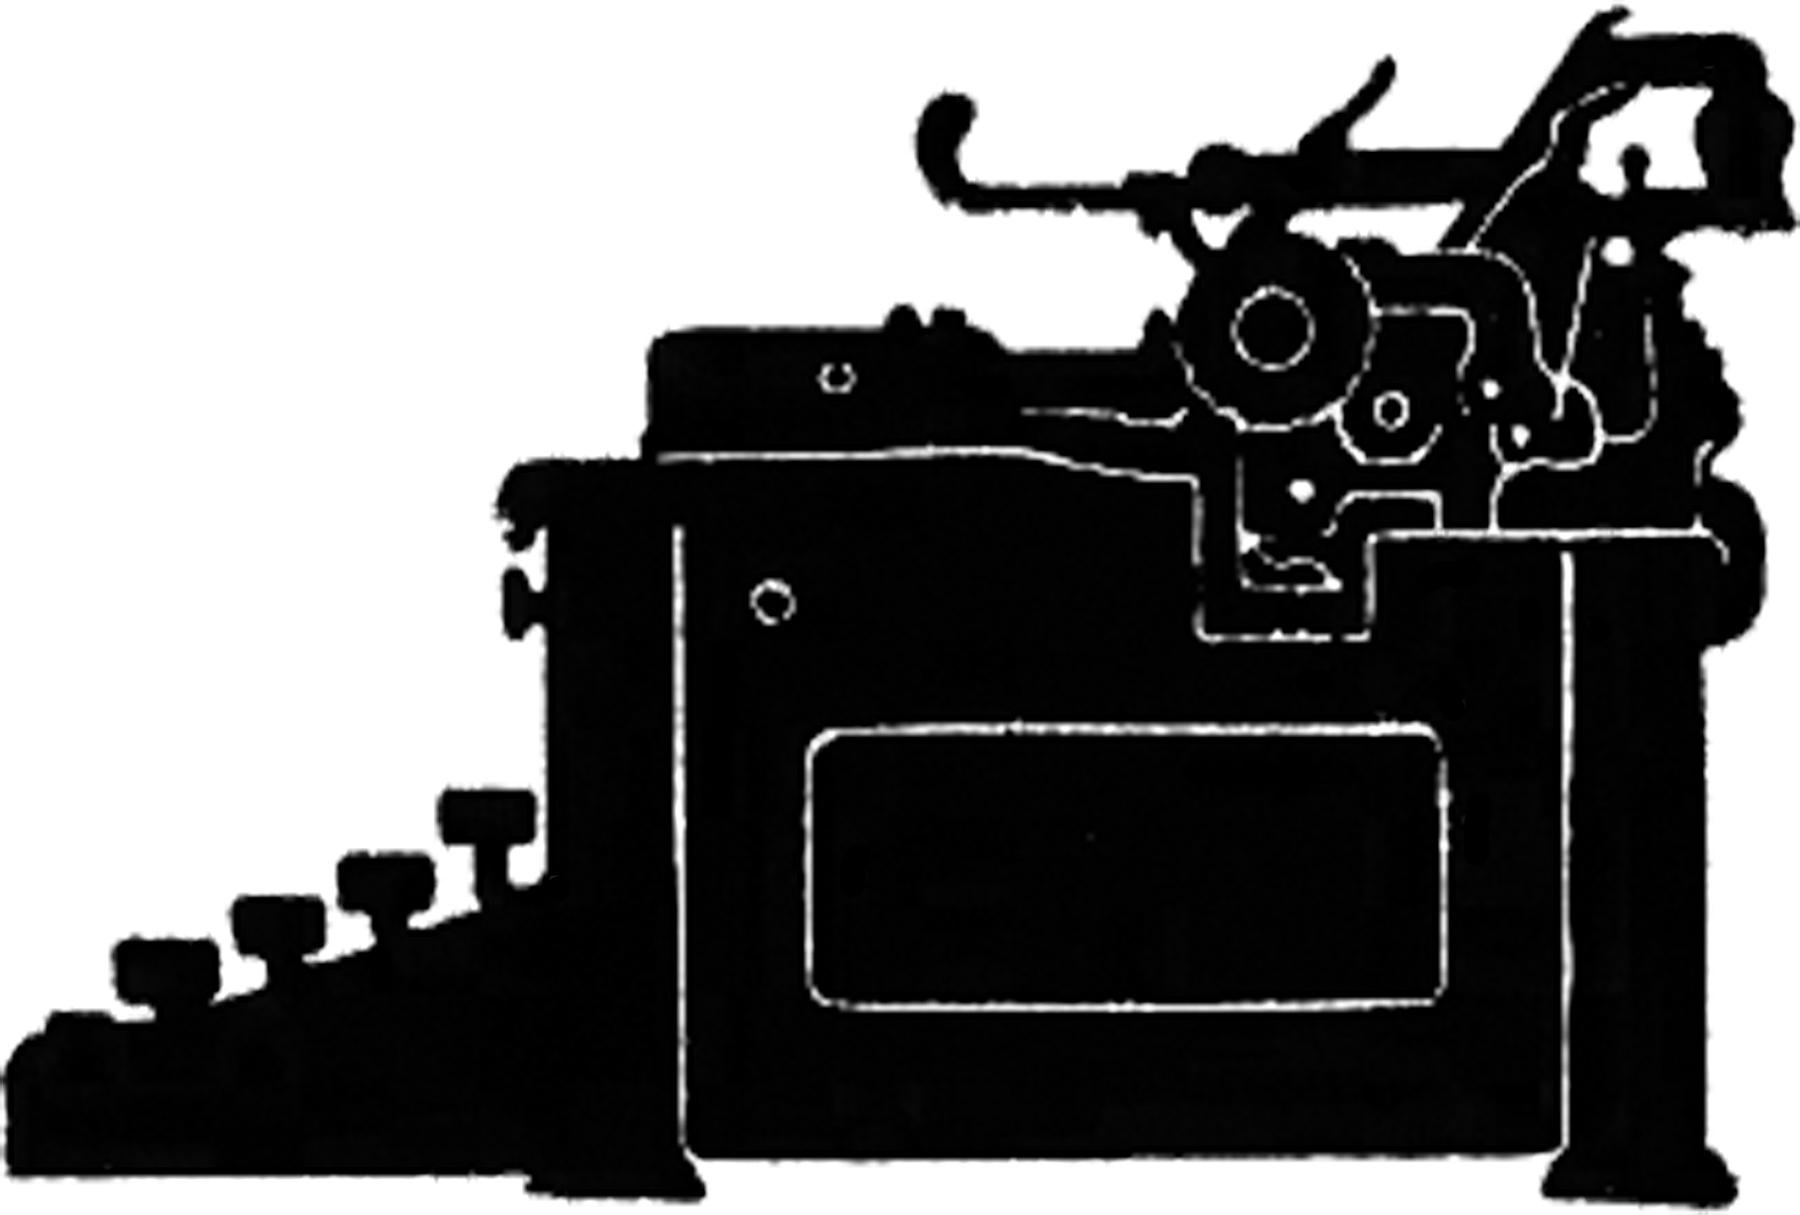 173x173 Vintage Movie Camera Silhouette Black Amp White Wallpaper 1800x1215 Typewriter Image